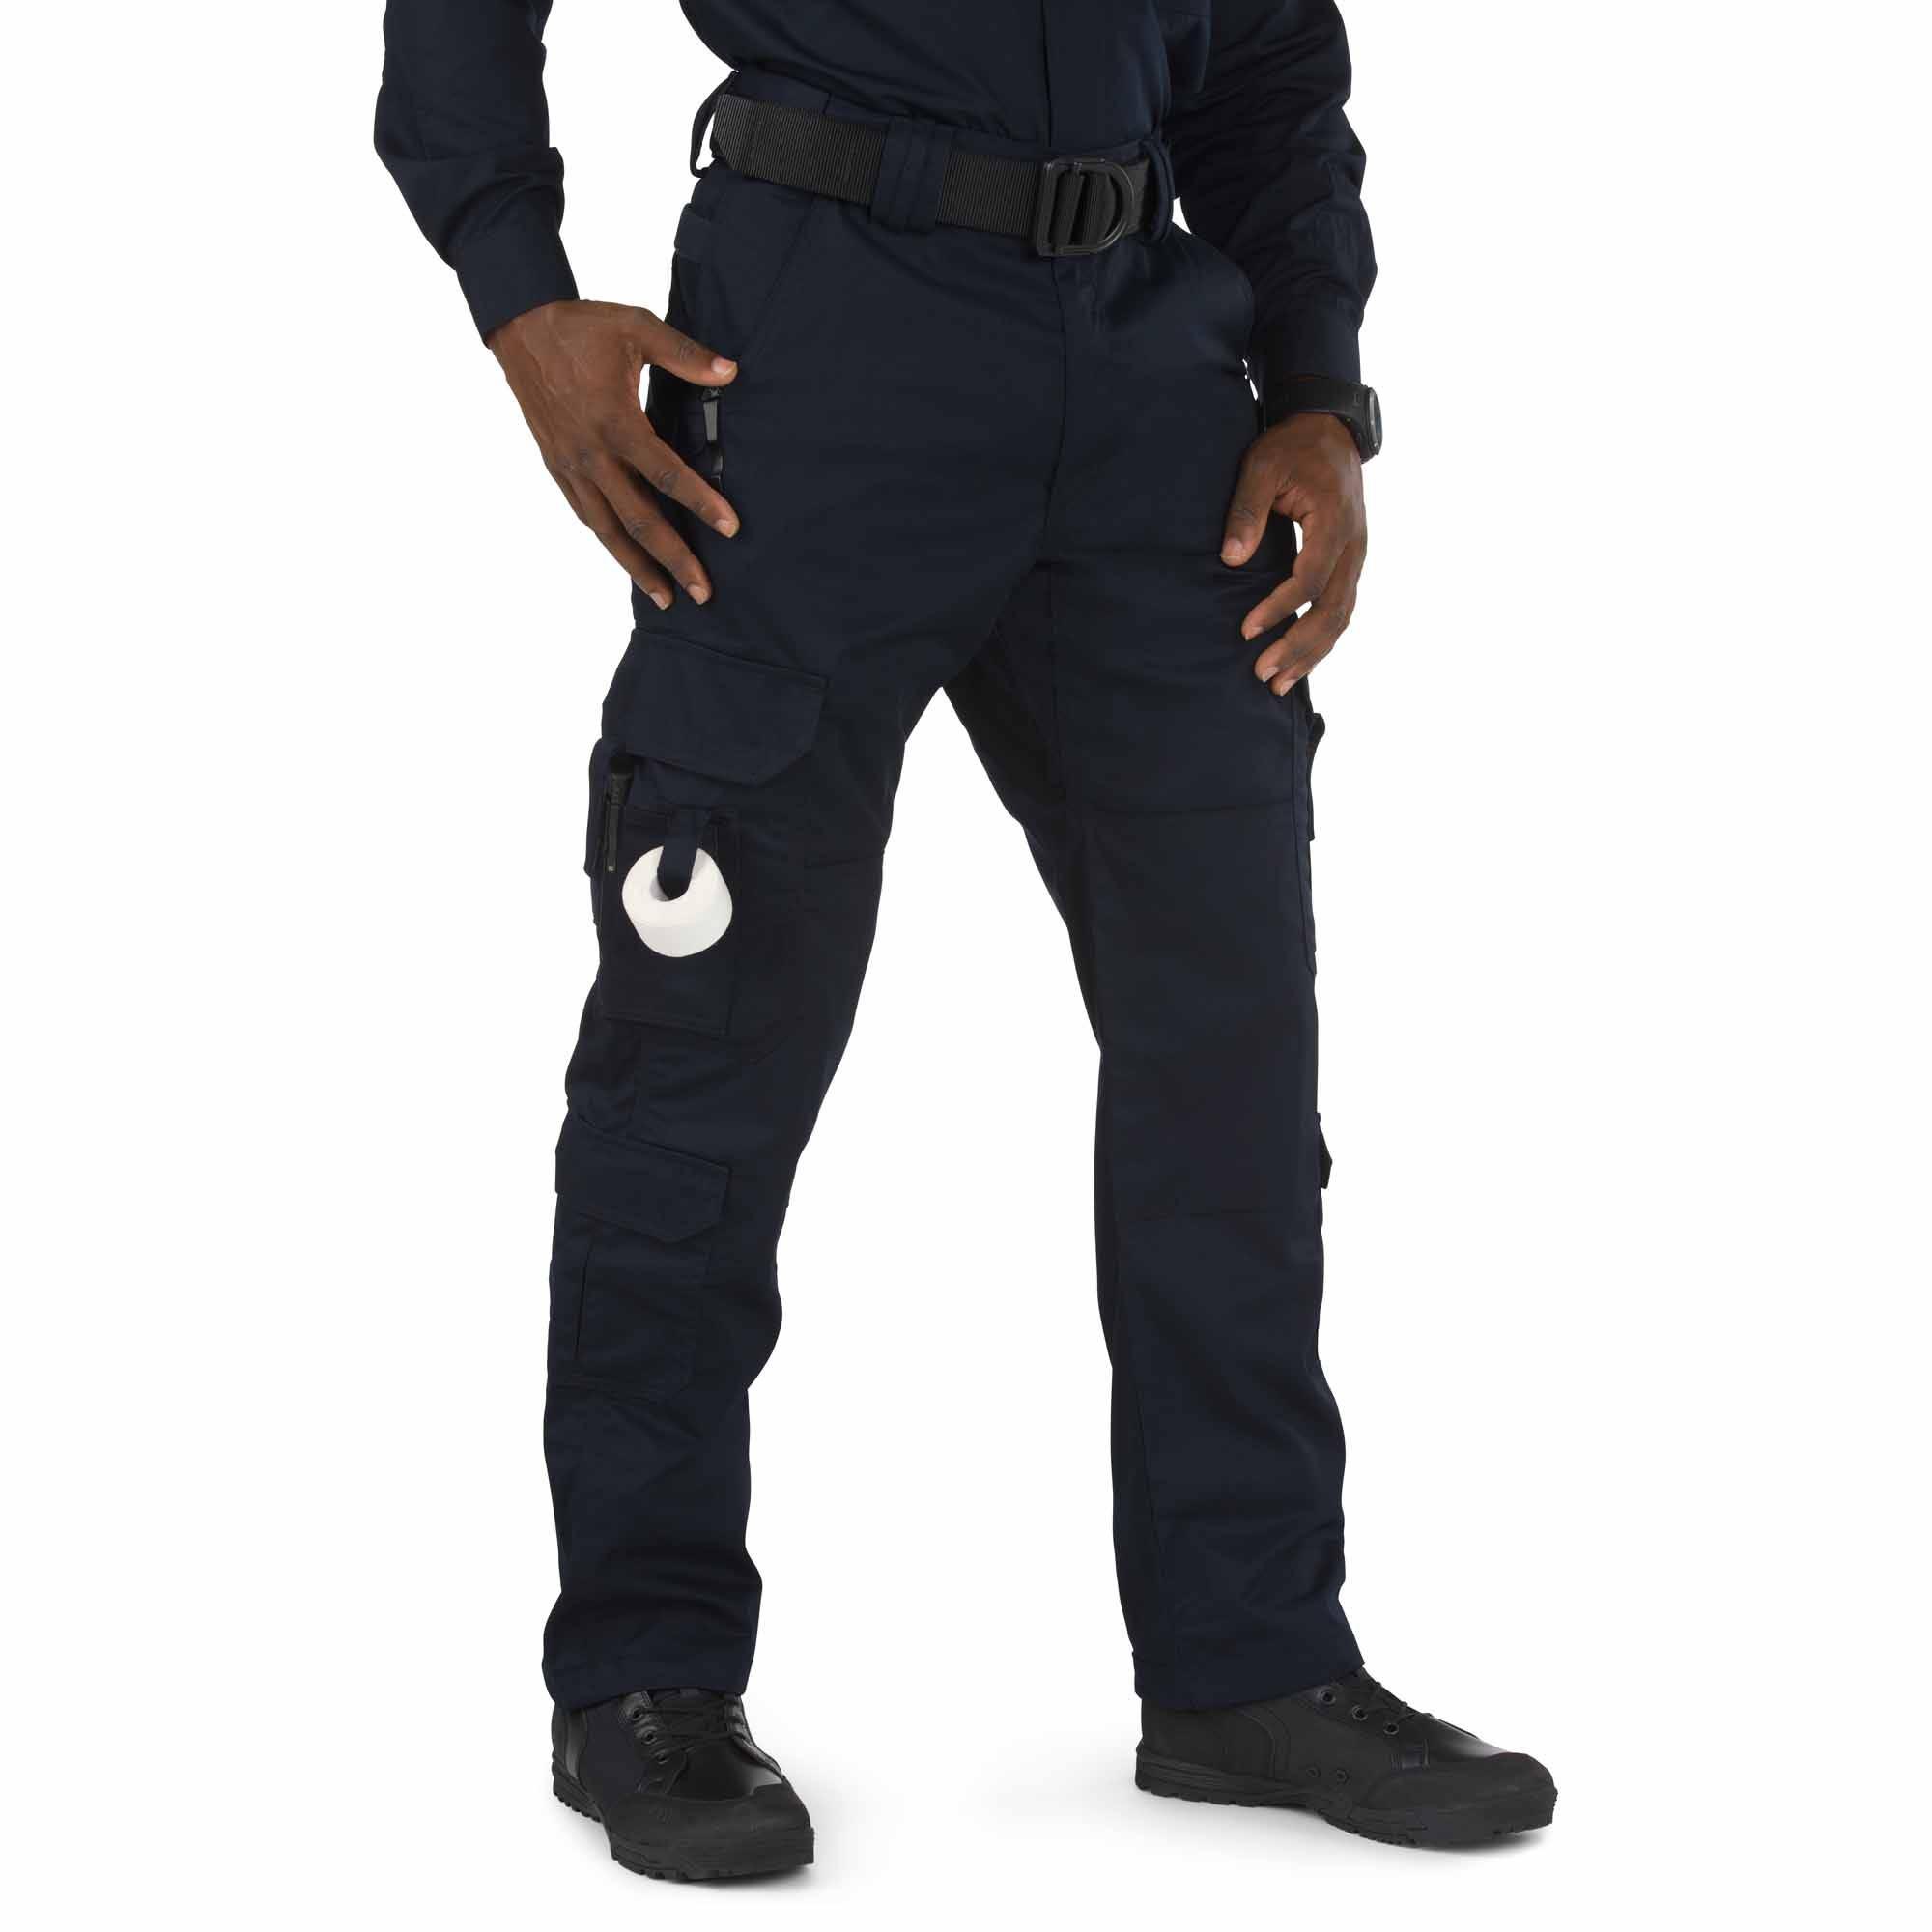 fc08a8bc545 5.11 Tactical EMS Pants For Men - 5.11 Tactical